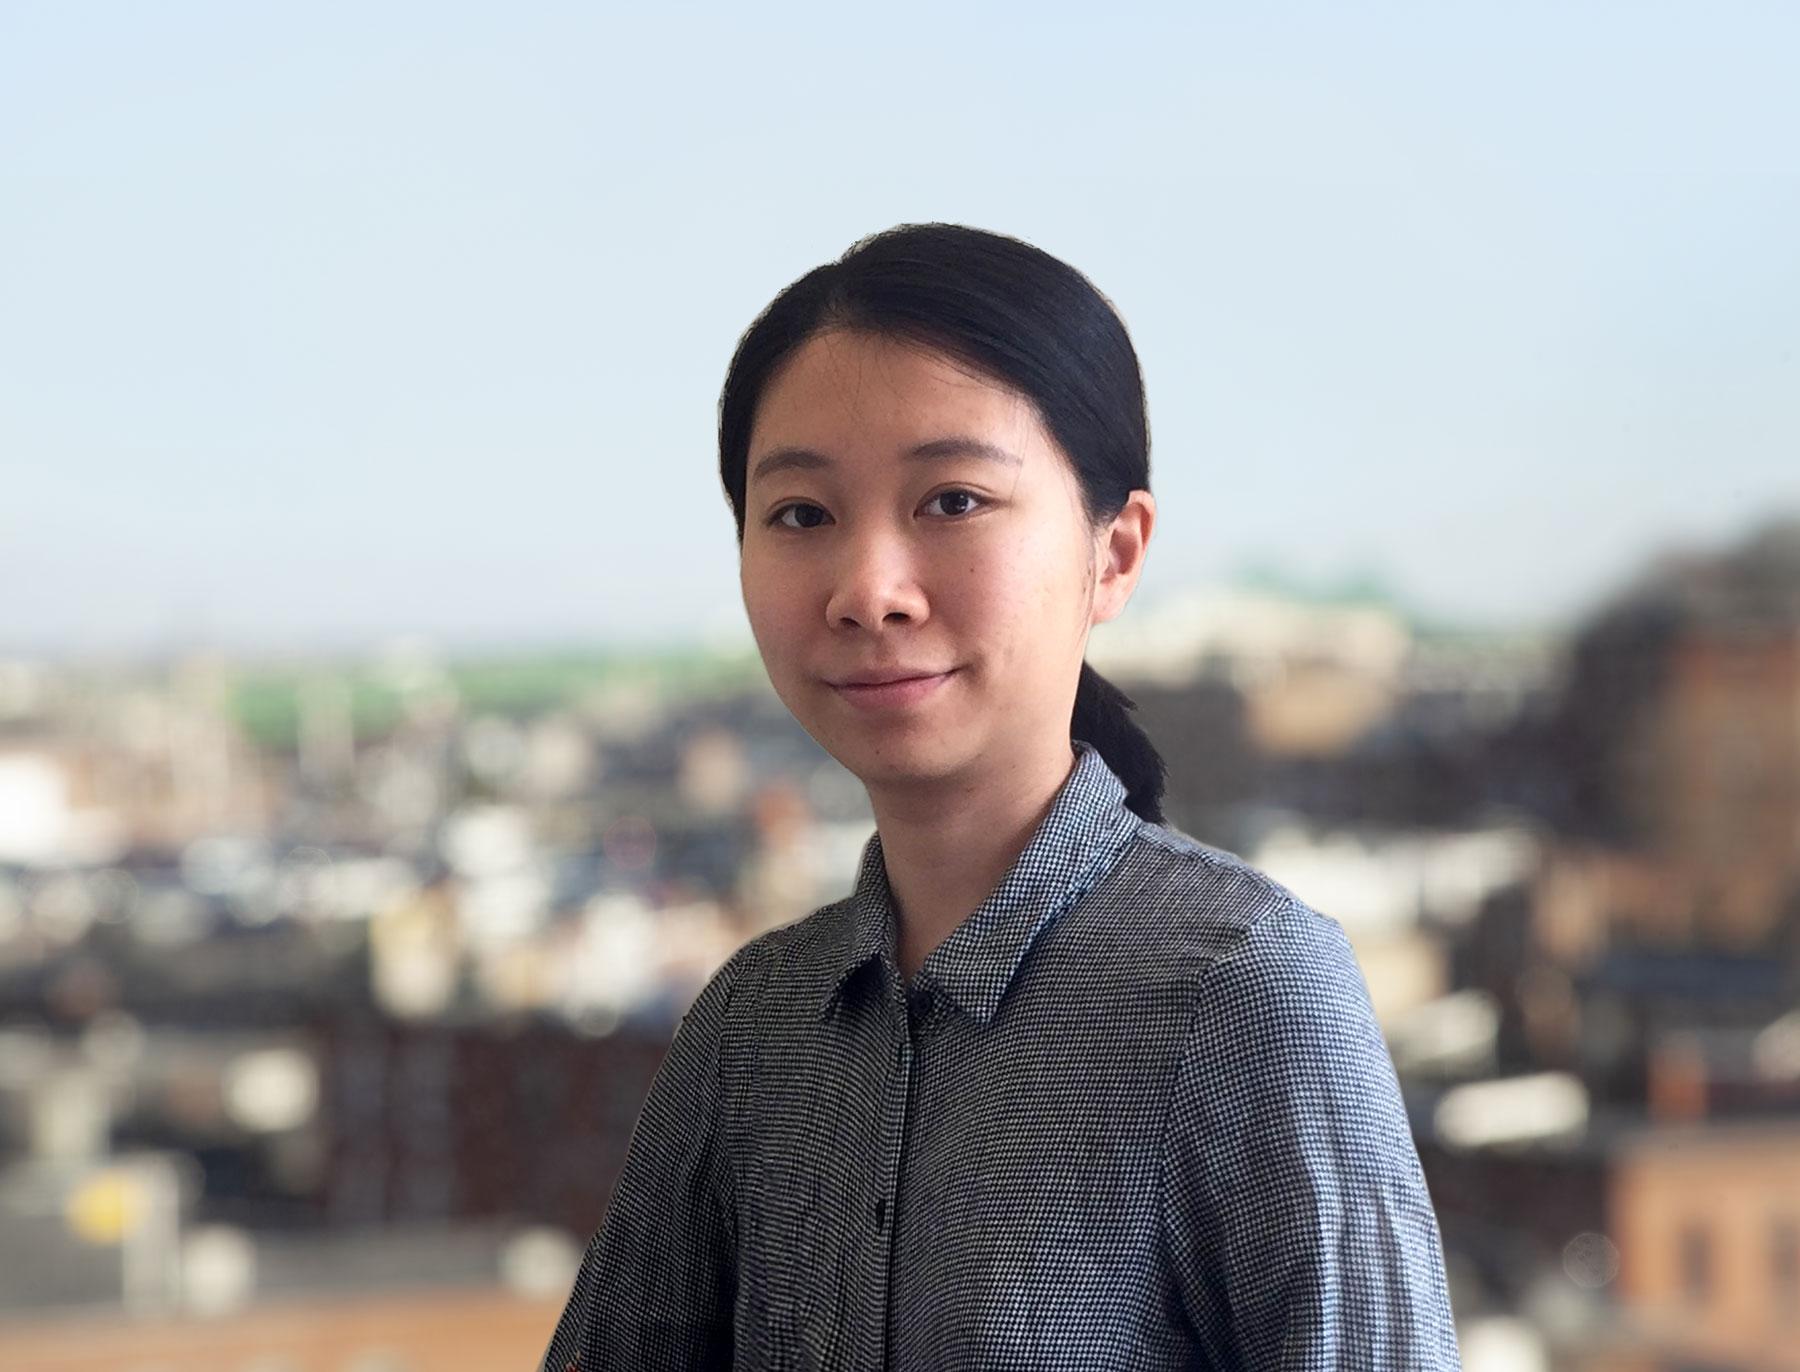 Ziyu Xu